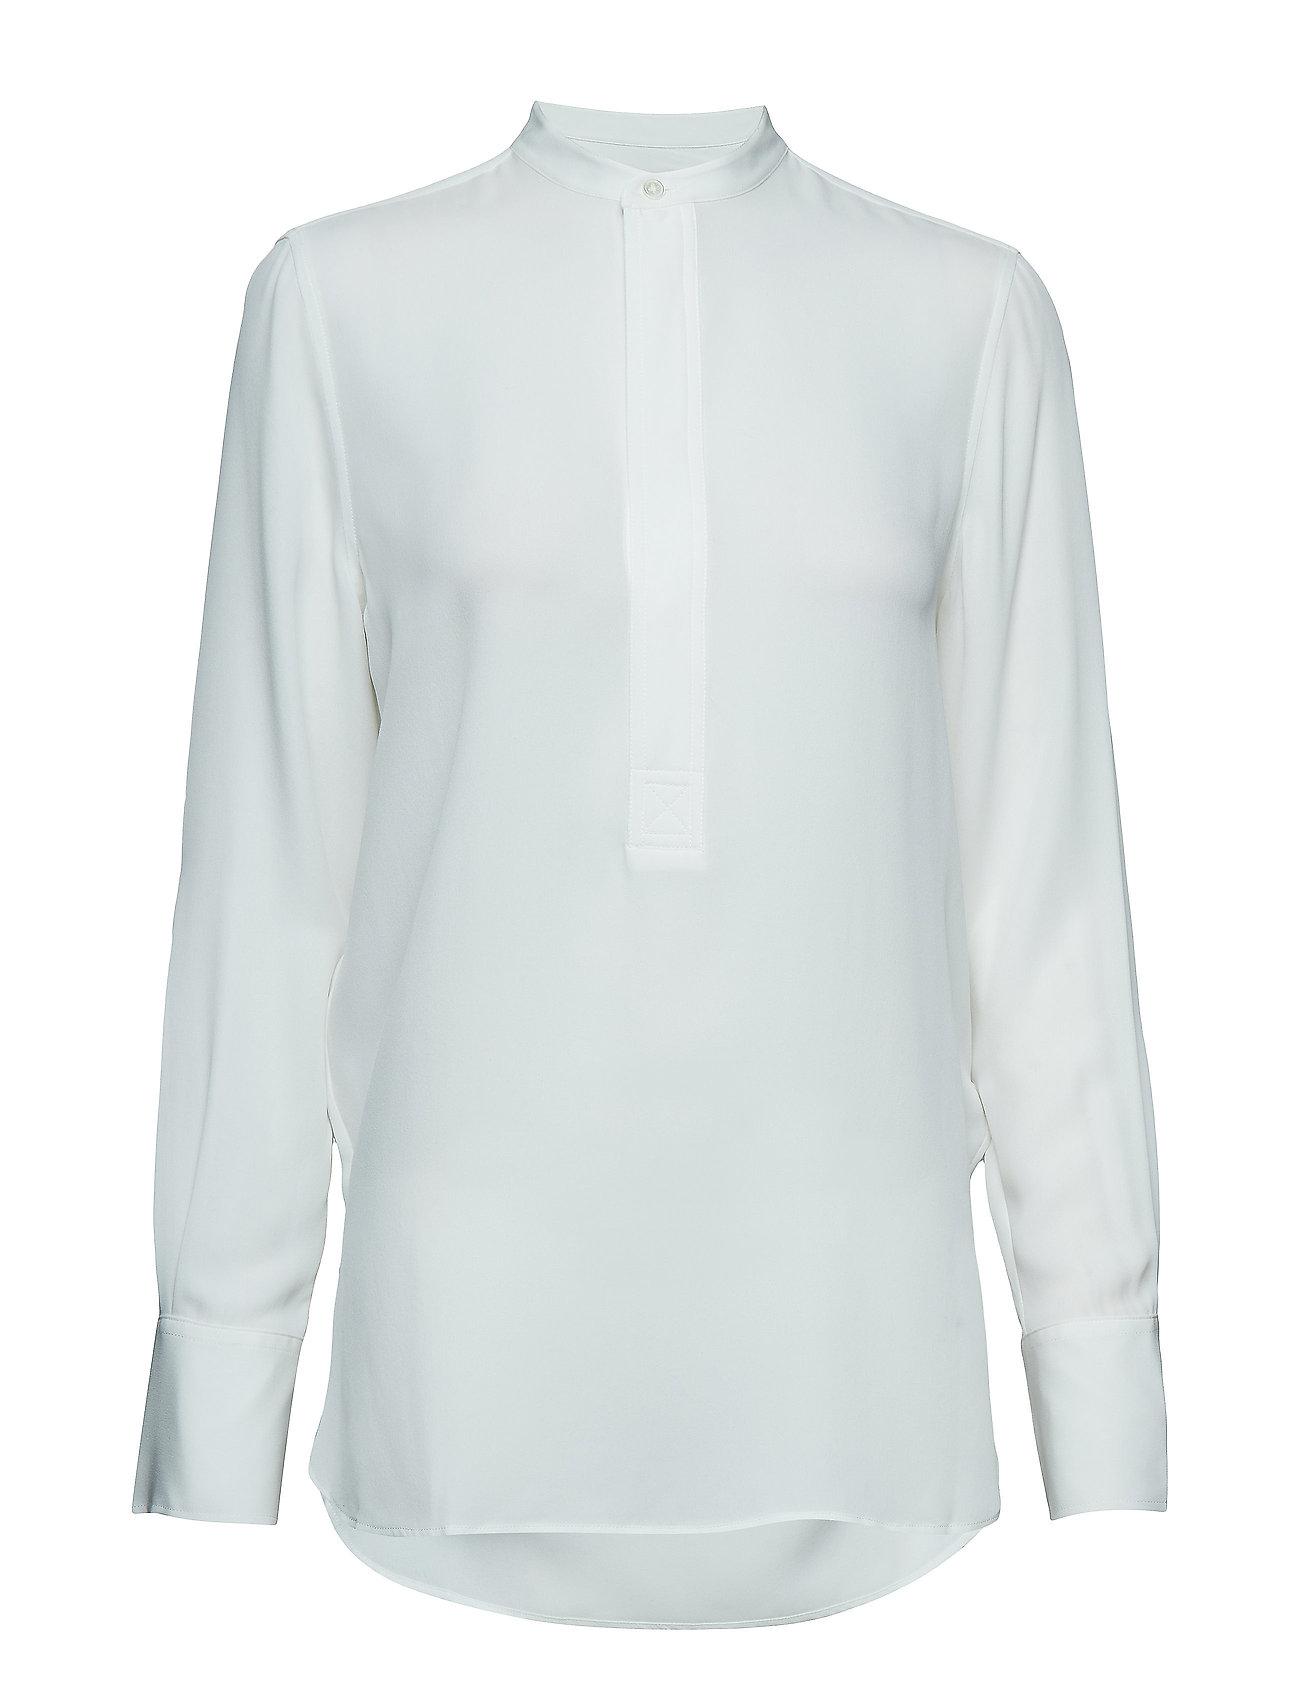 Polo Ralph Lauren Silk Long-Sleeve Blouse